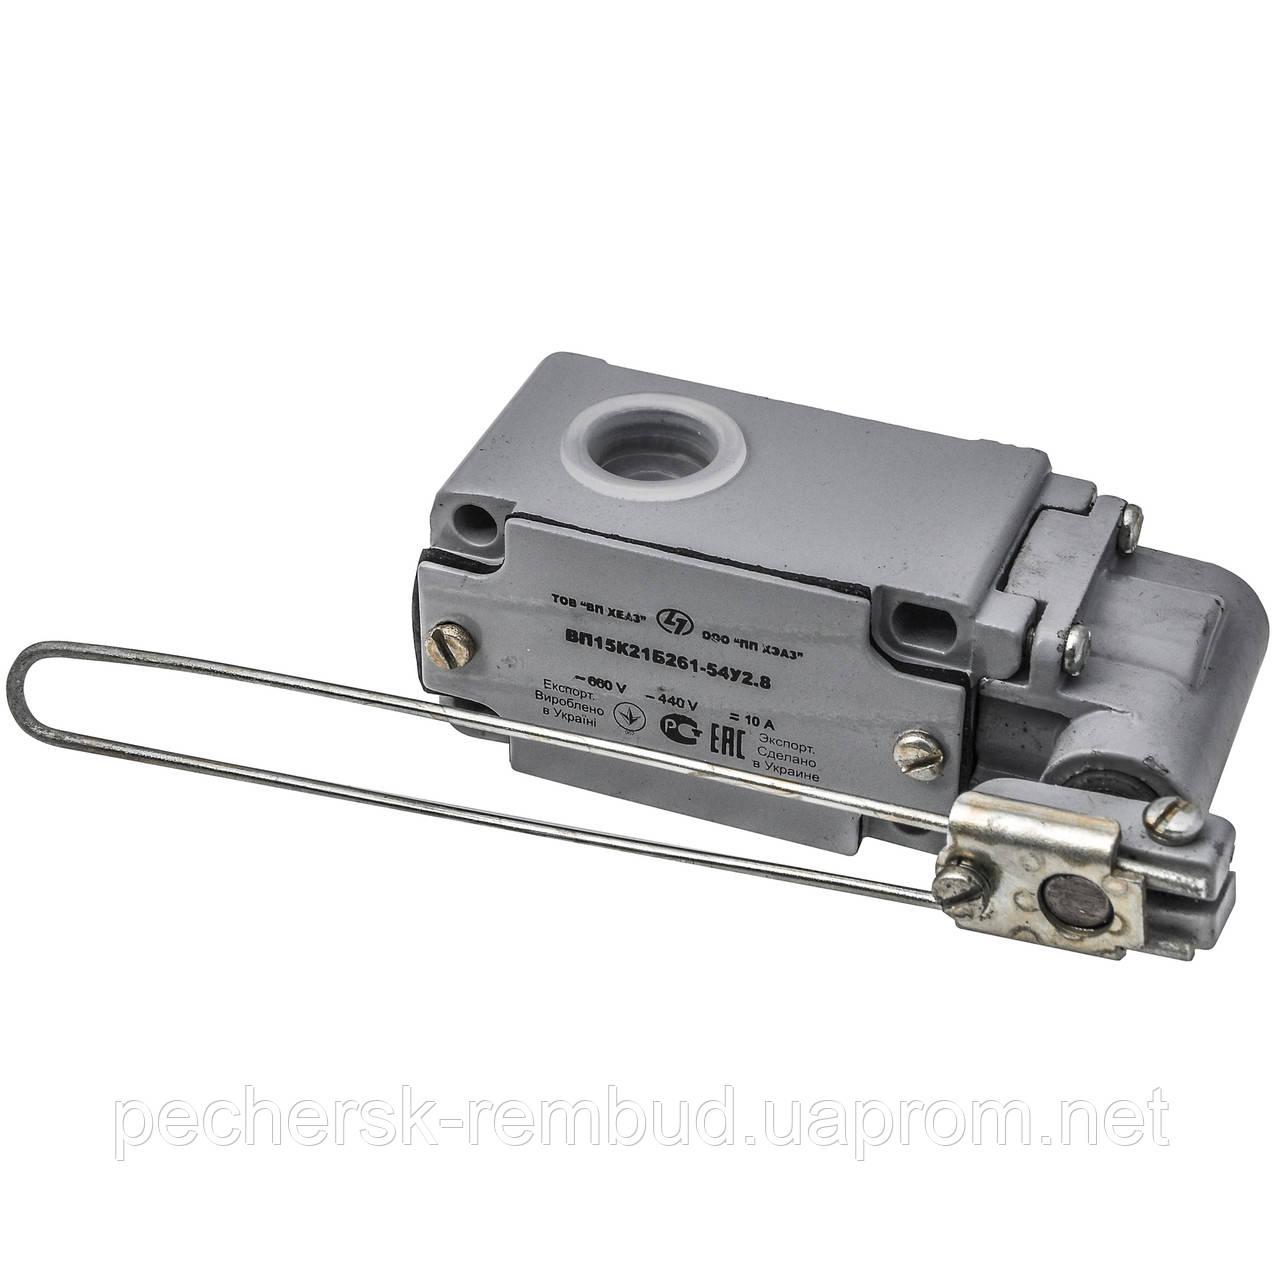 Выключатель путевой  ВП15 К 21Б 261 -54У2.3(8)